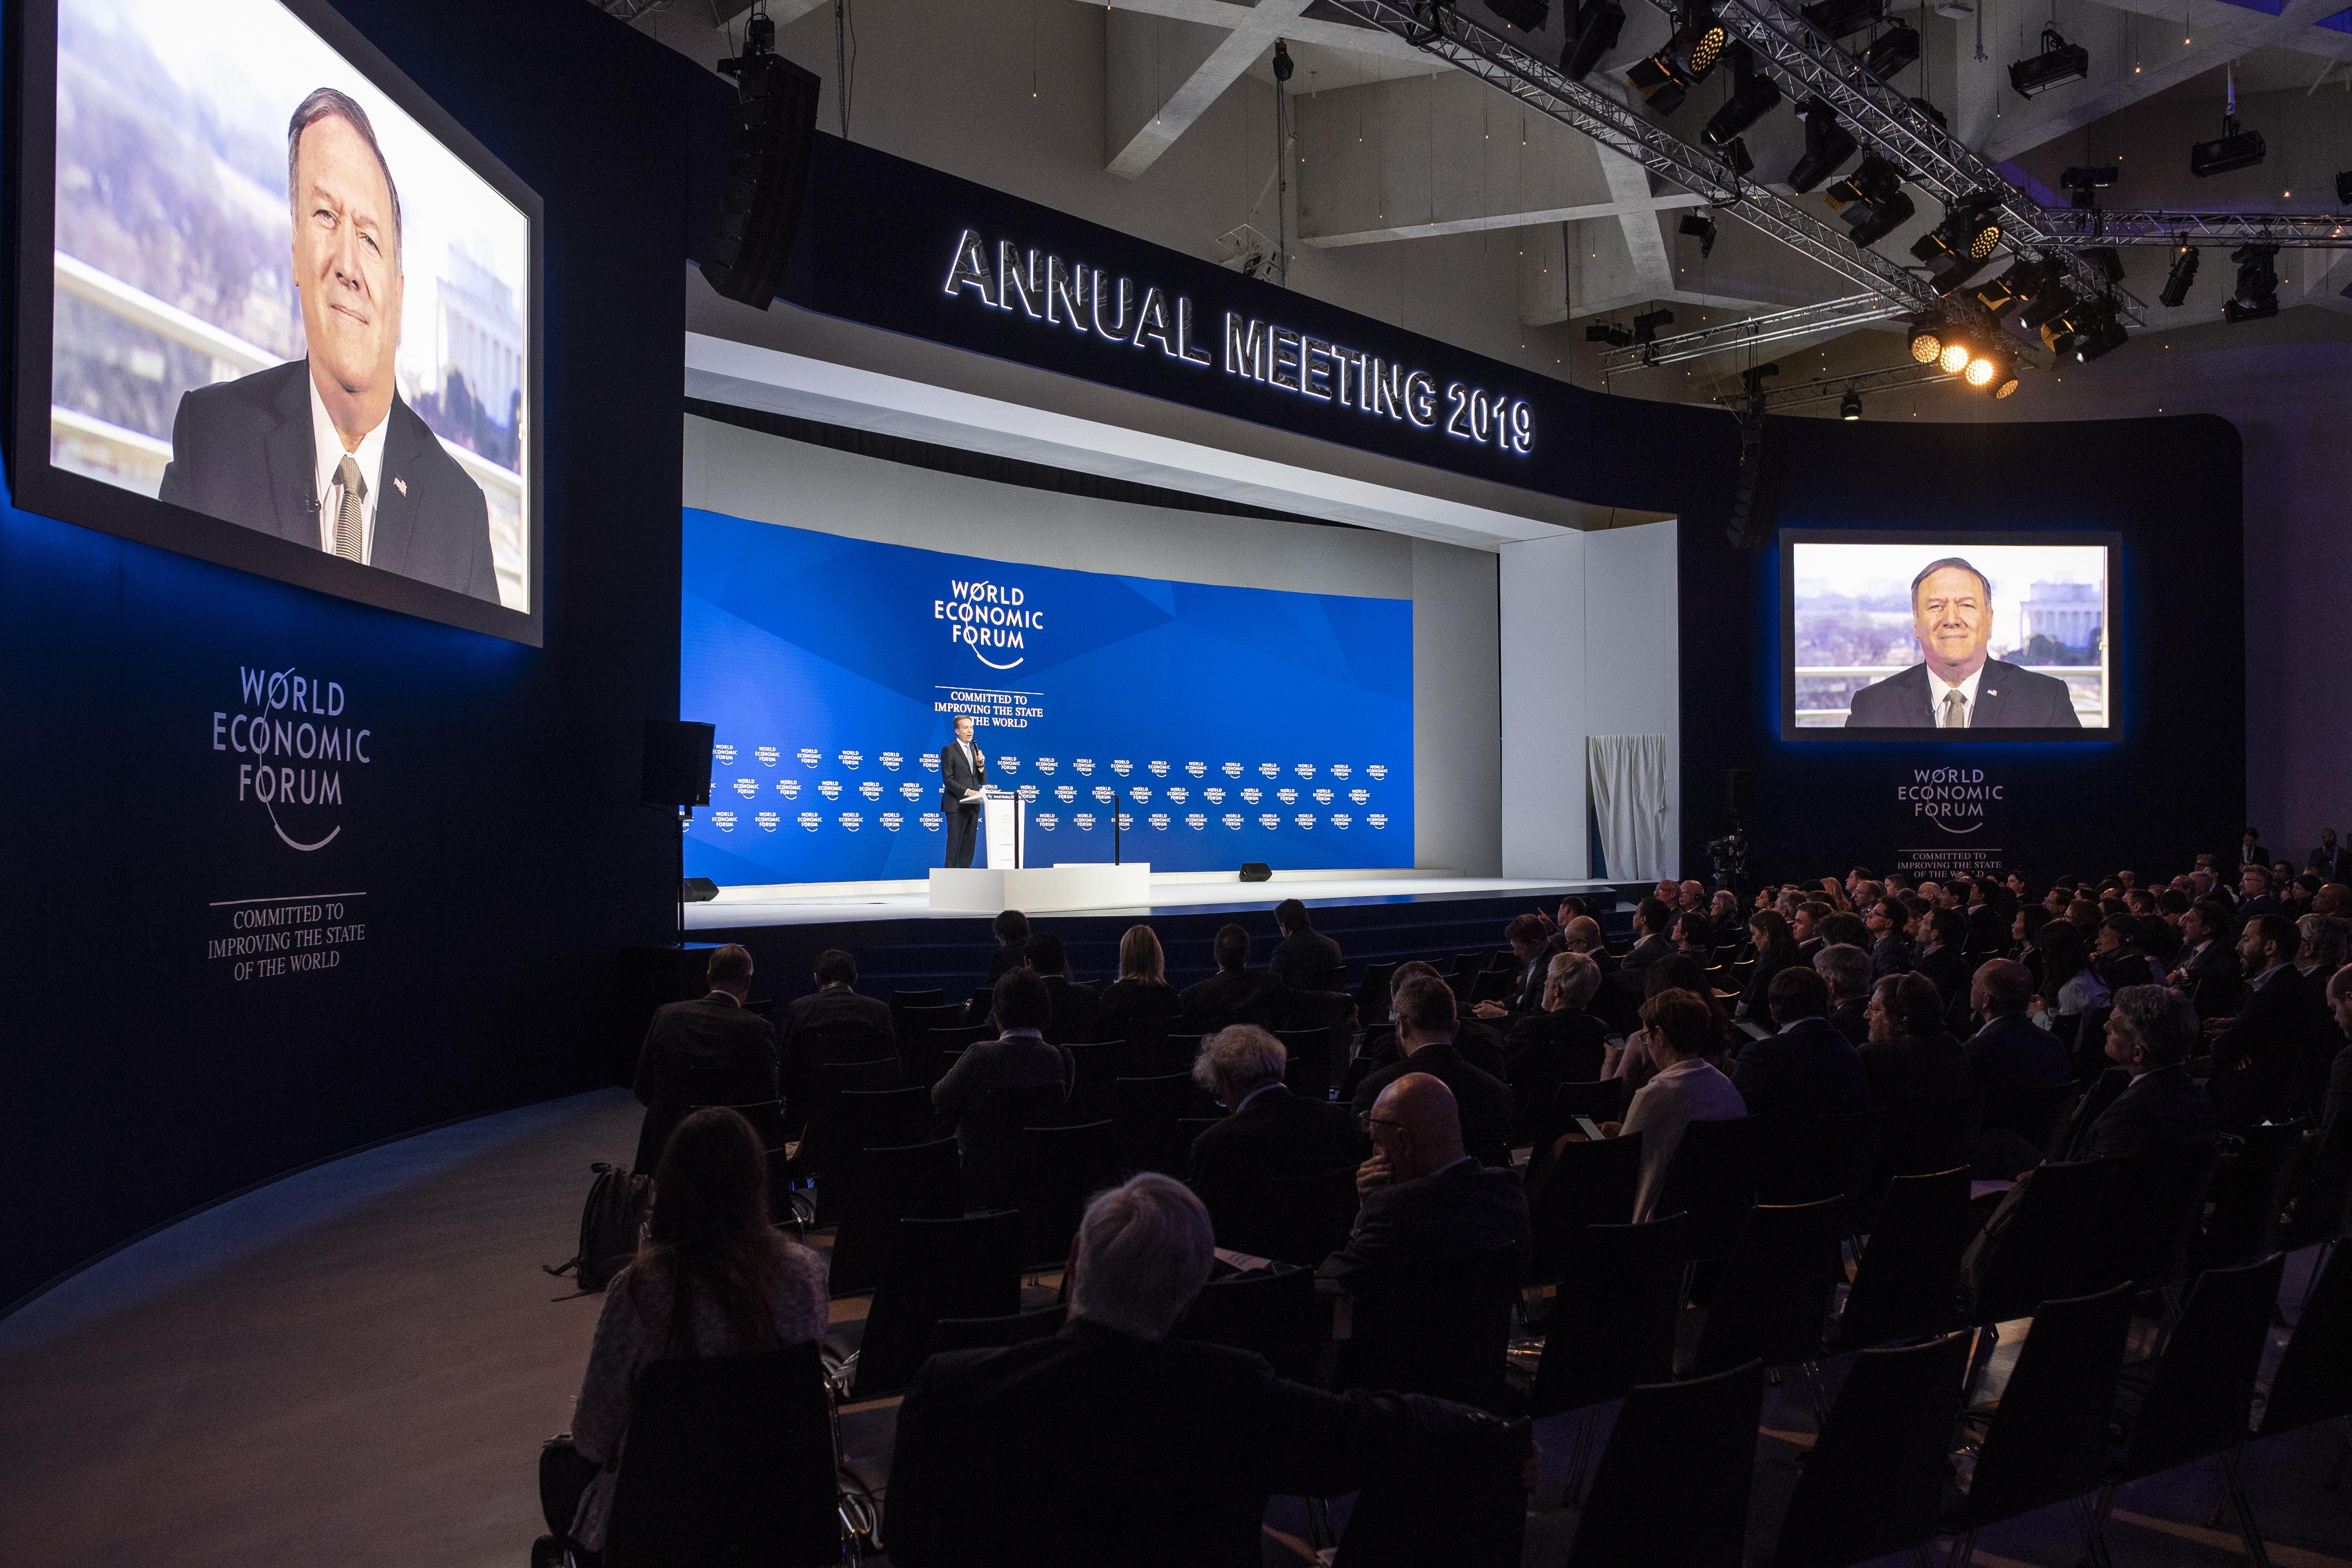 Pompeo optimističan oko trgovinskog dogovora SAD-a i Kine